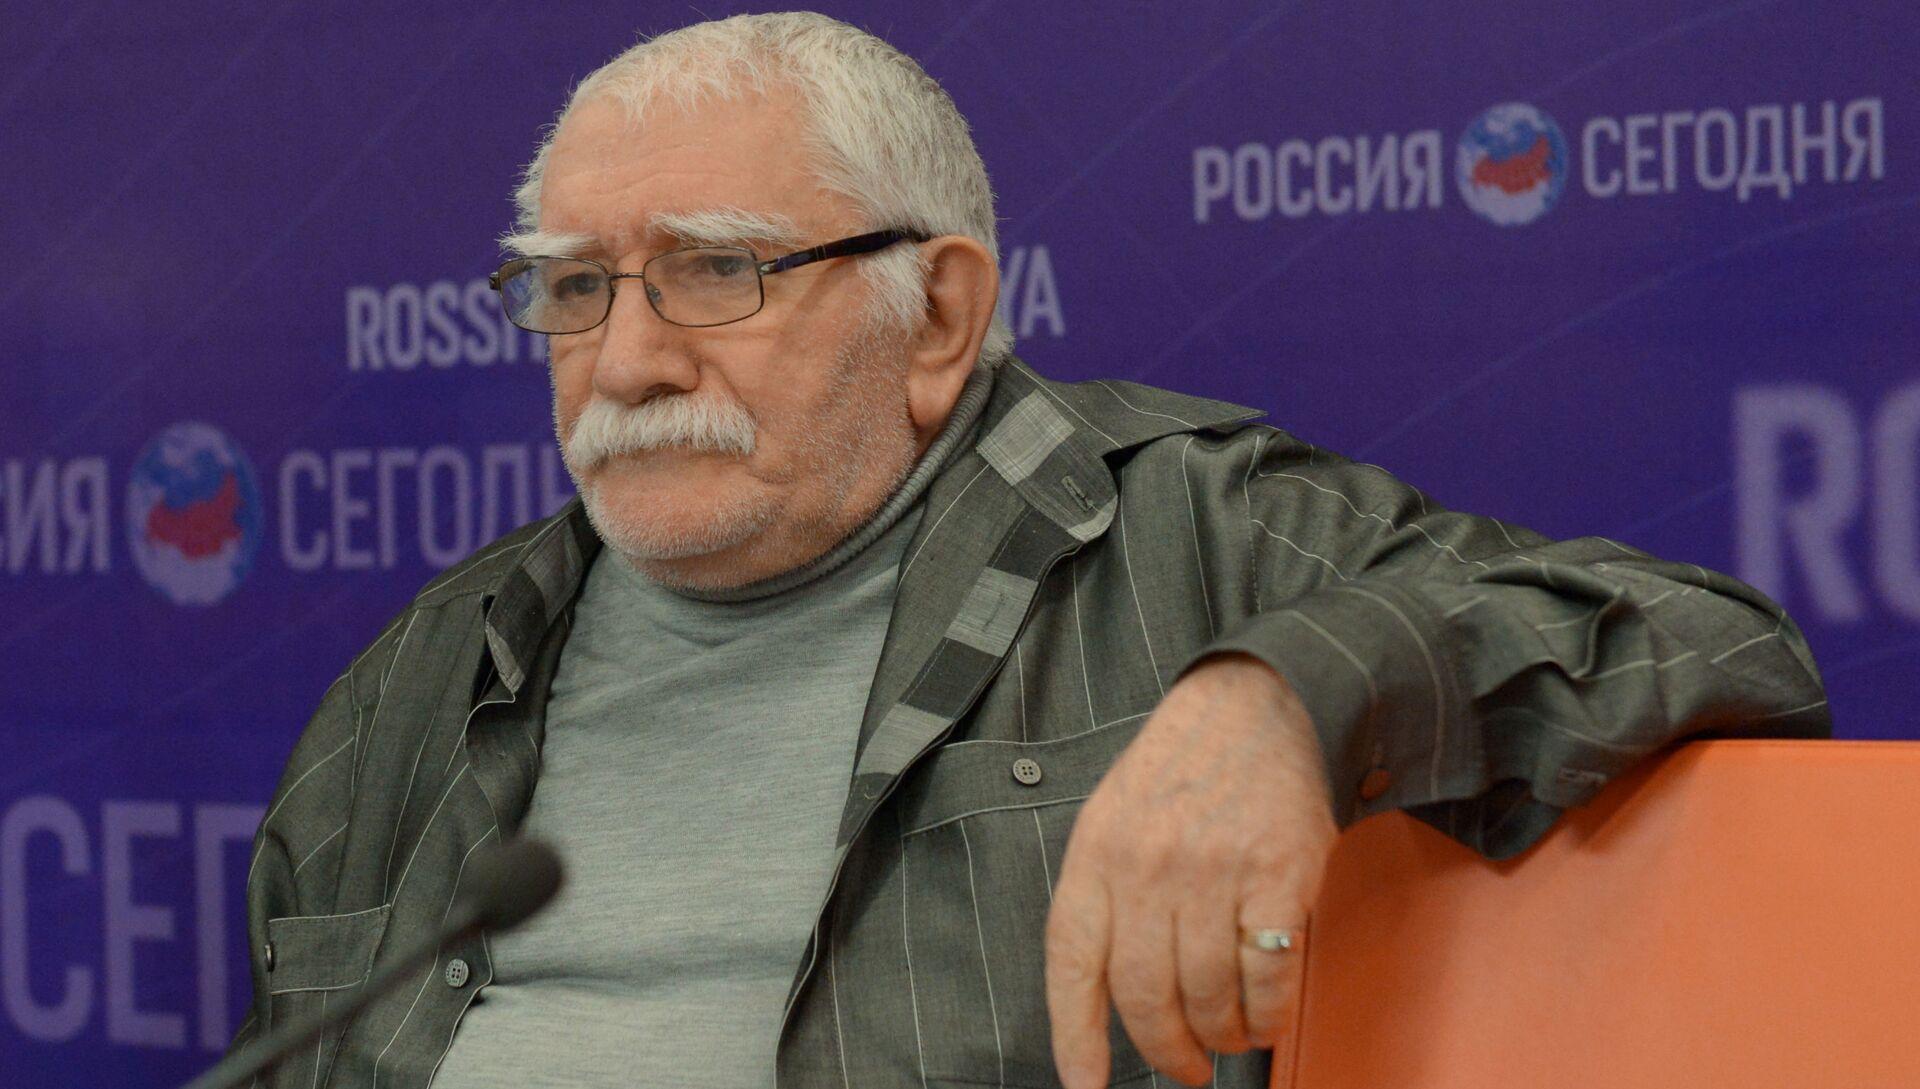 Актер и режиссер Армен Джигарханян - РИА Новости, 1920, 14.11.2020